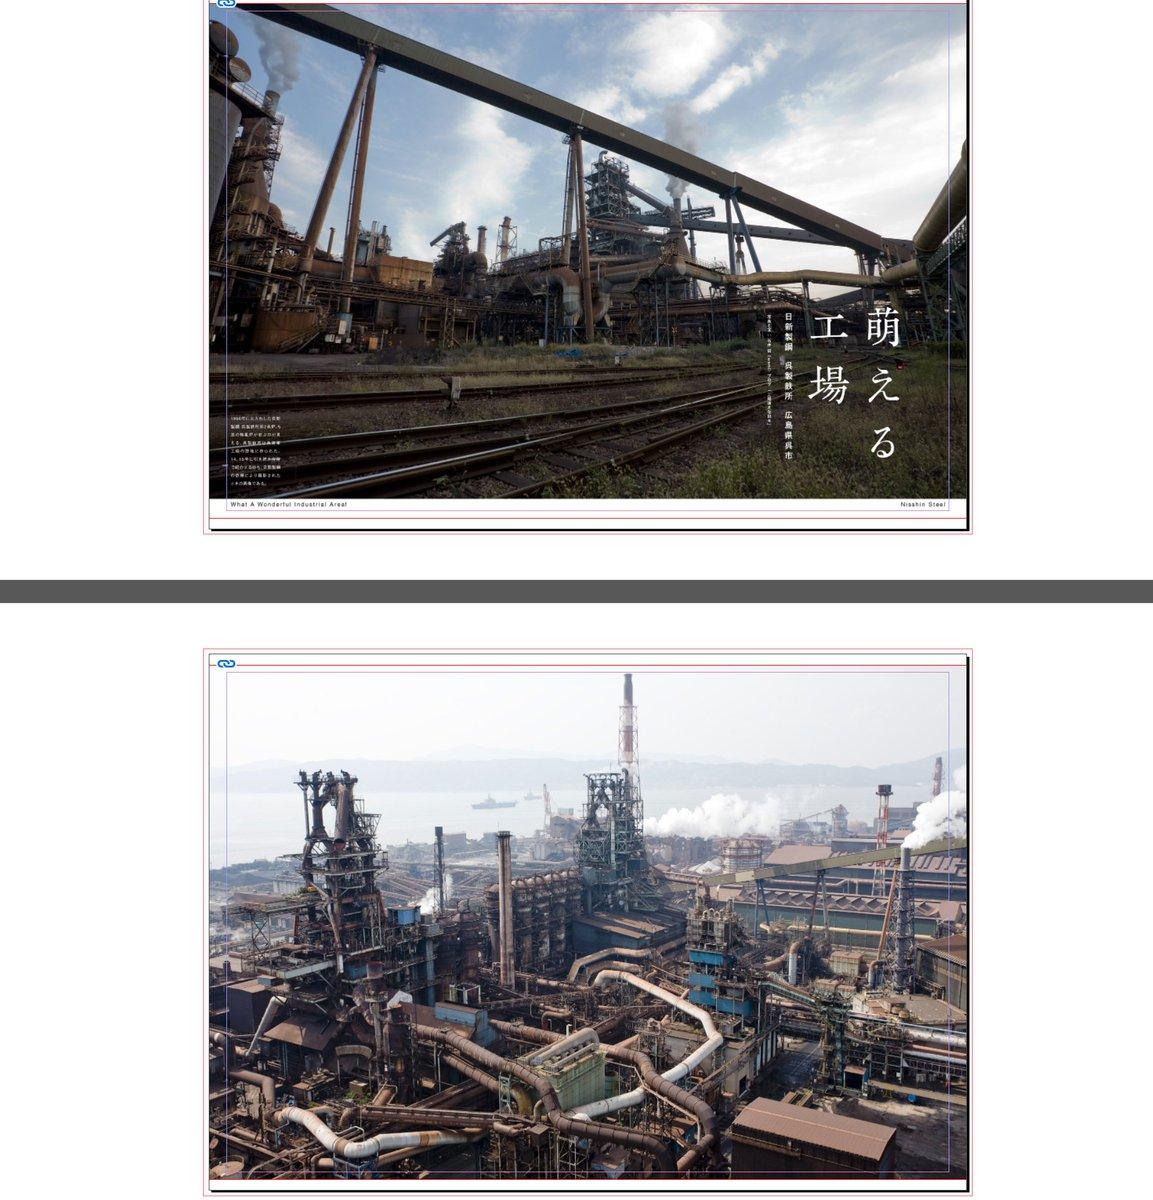 製鉄 閉鎖 鹿島 所 日本製鉄東日本製鉄所鹿島地区